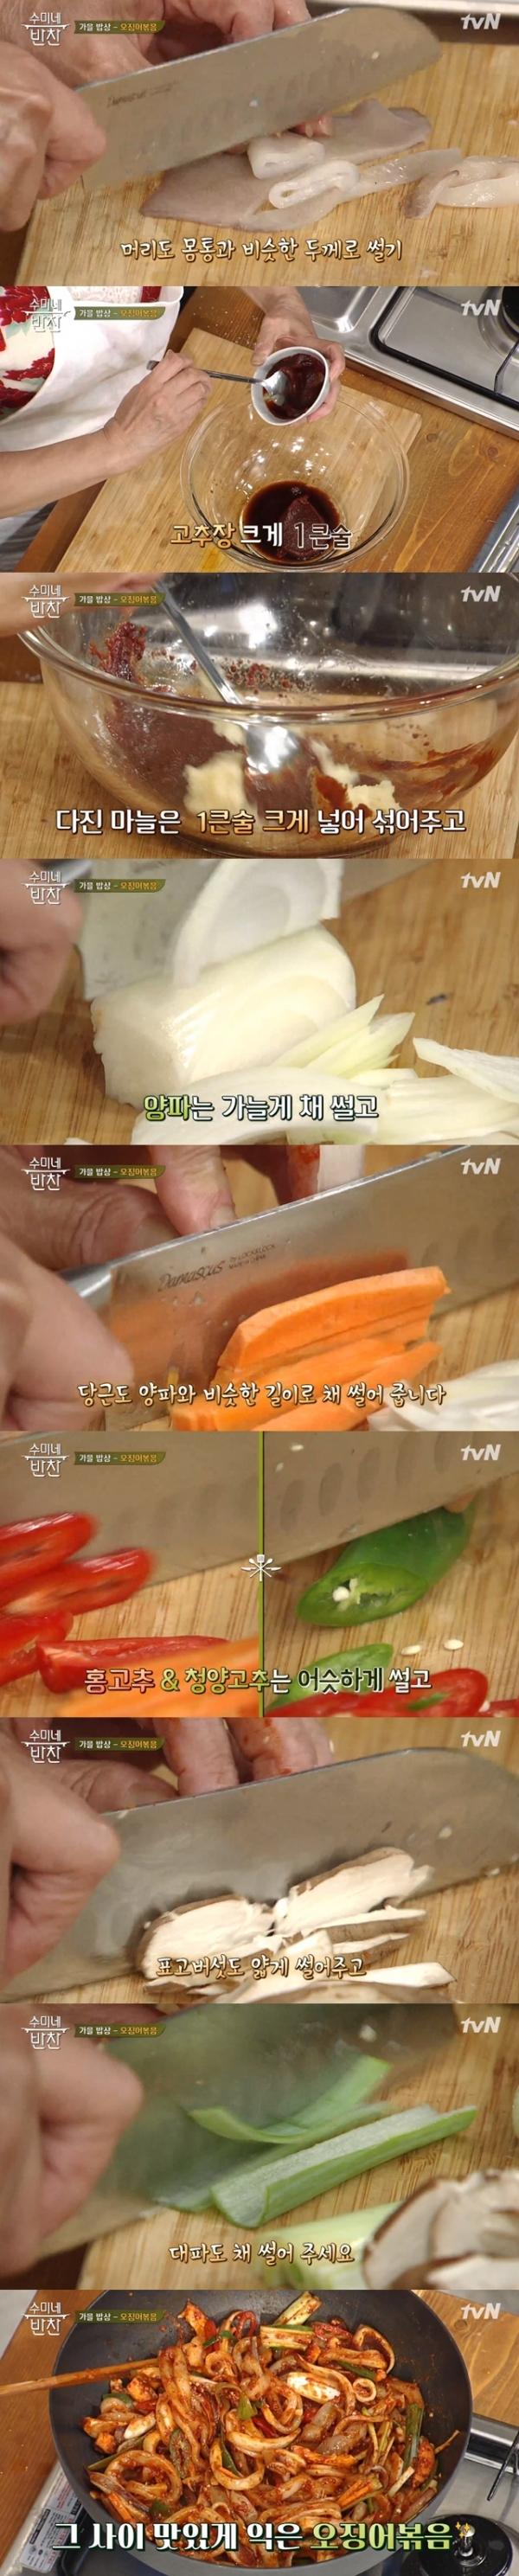 '수미네반찬' 19회 가을밥상 매콤달콤 오징어볶음 레시피